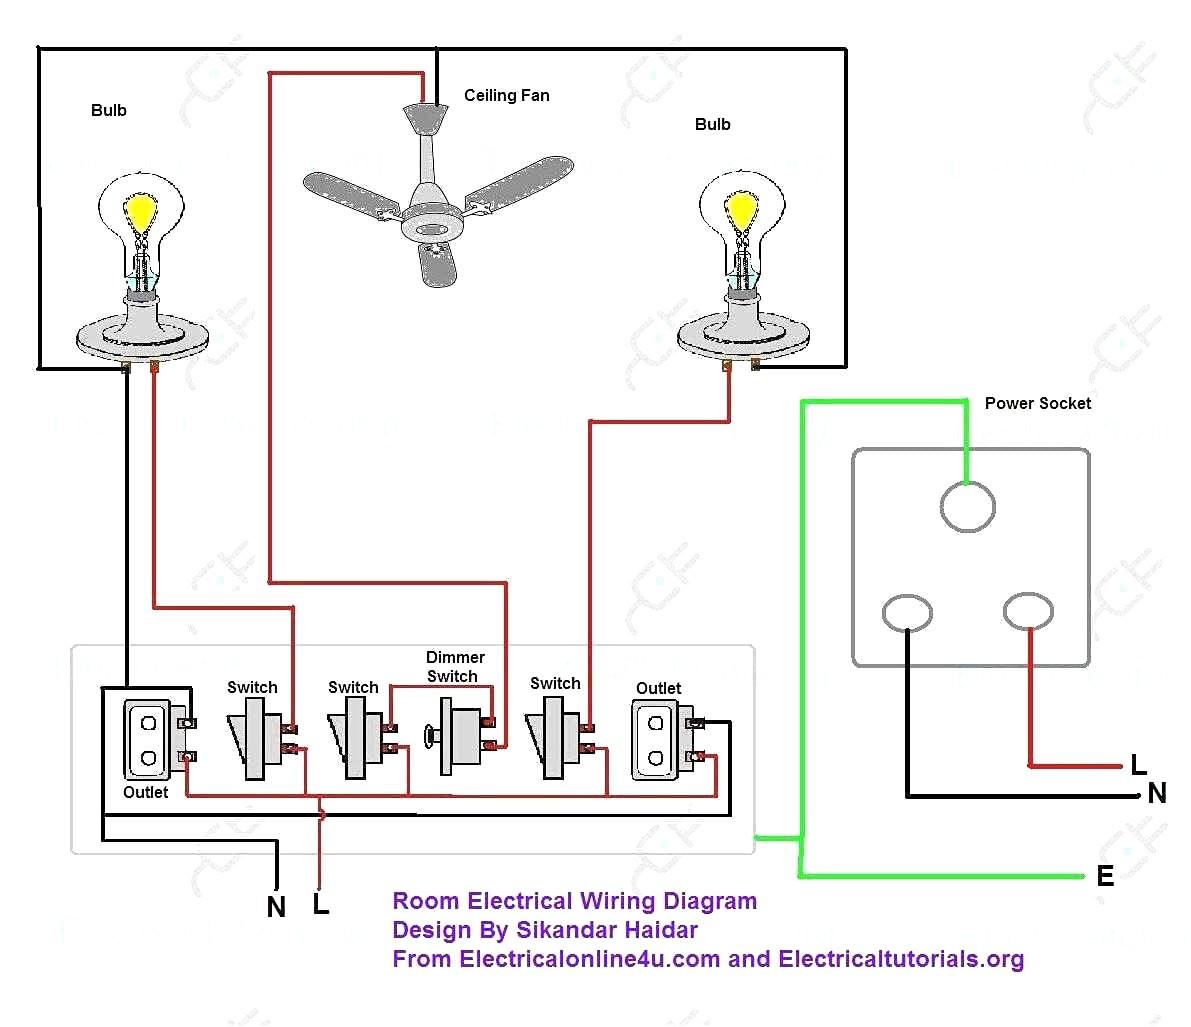 Basic House Wiring - Today Wiring Diagram - Basic Wiring Diagram